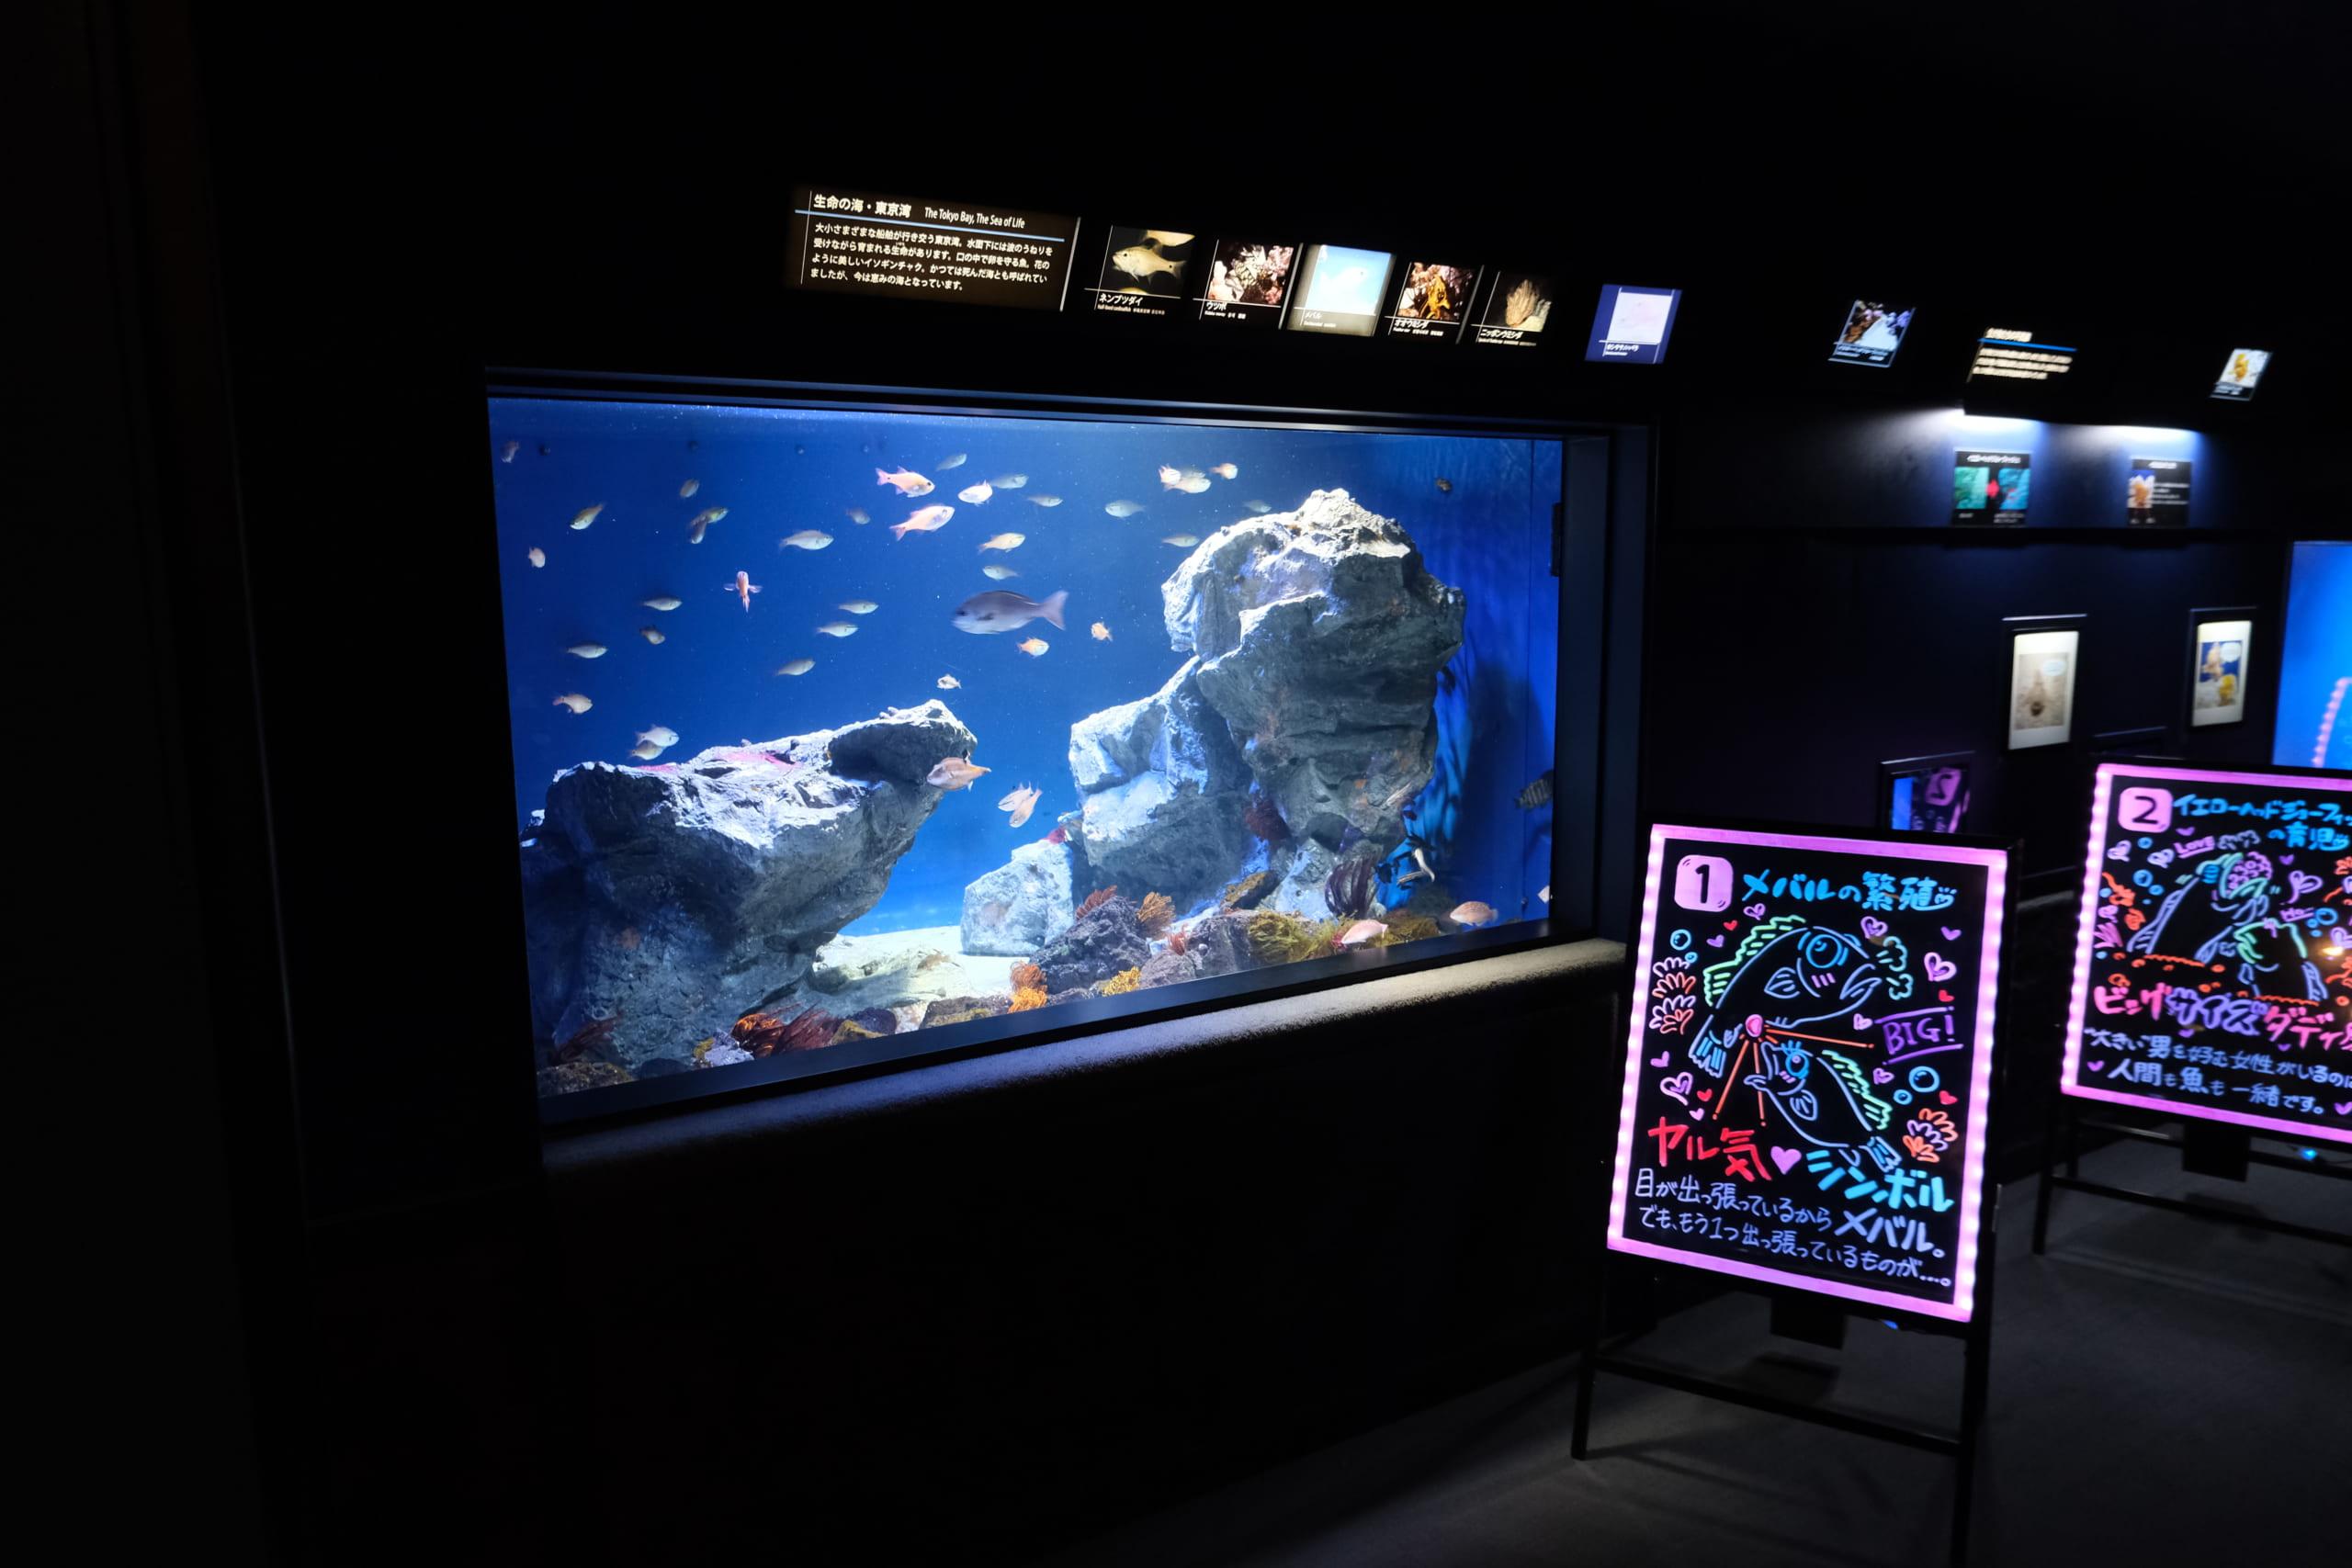 夜のサンシャイン水族館「もっと性いっぱい展」に行ってきました。真っピンク空間にドキドキ…の画像 9/21